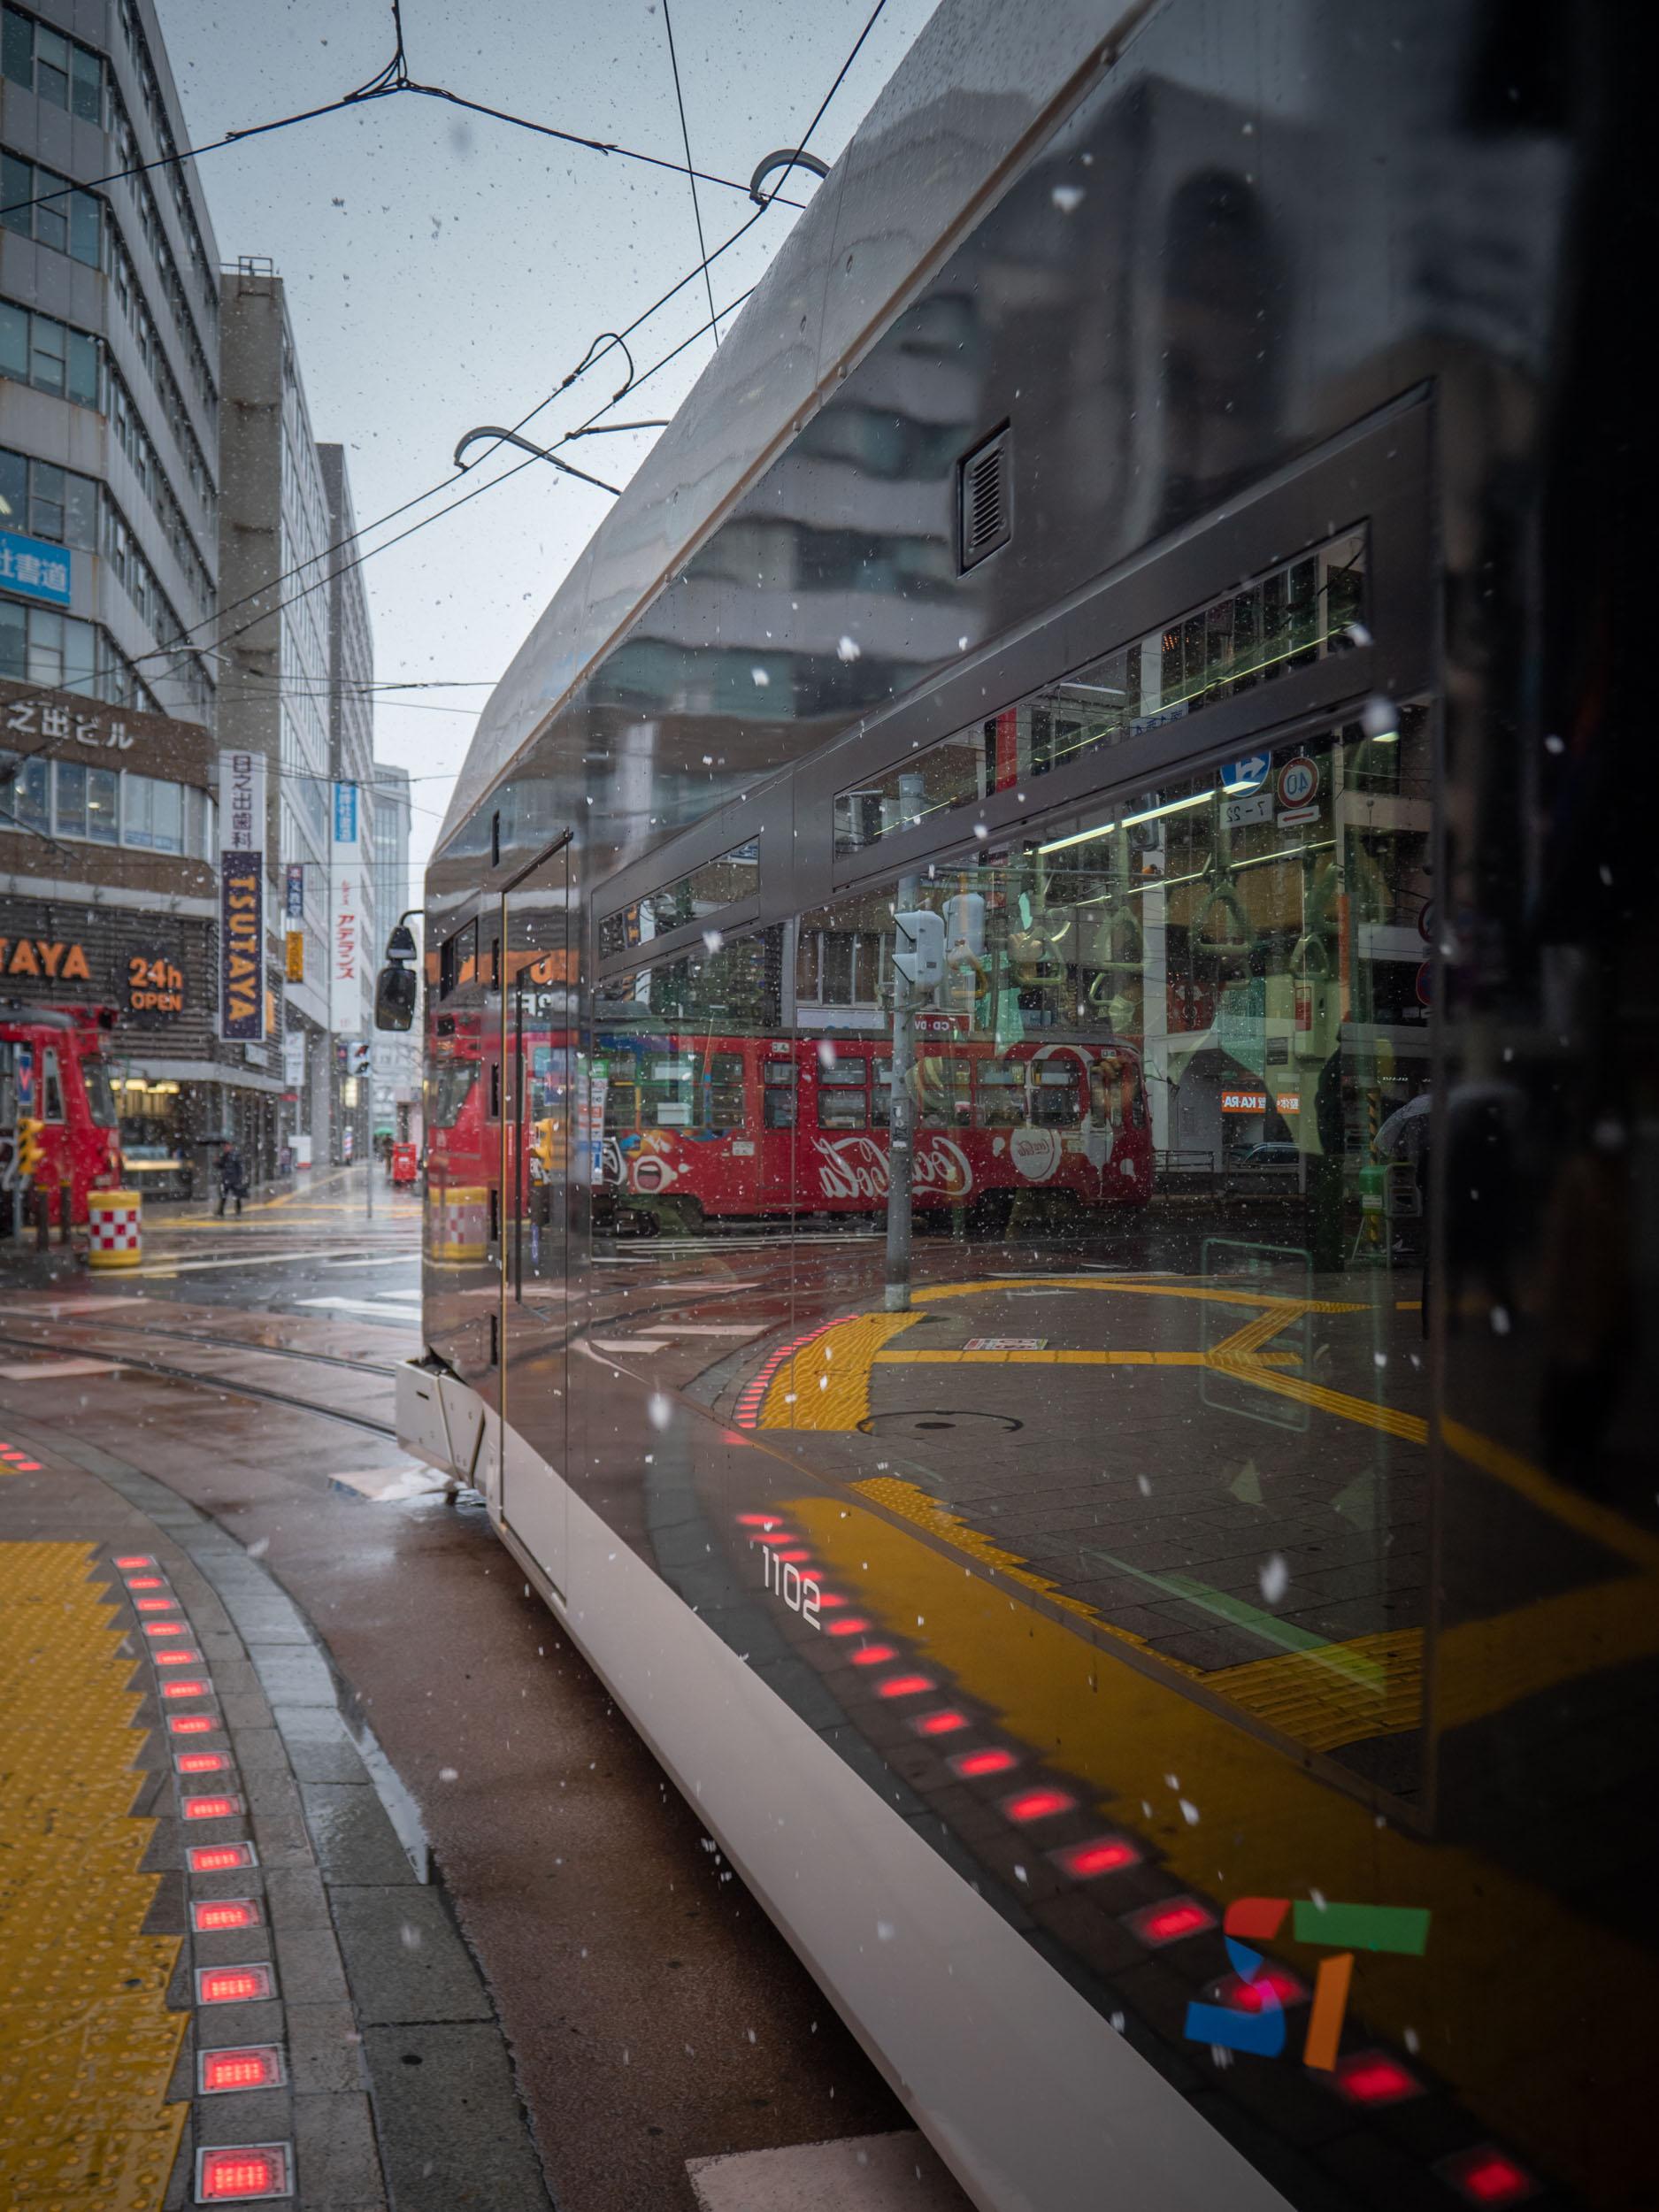 すすきの電停を出る札幌市電1100形シリウス1102号車 DMC-GX8 + LEICA DG 12-60mm